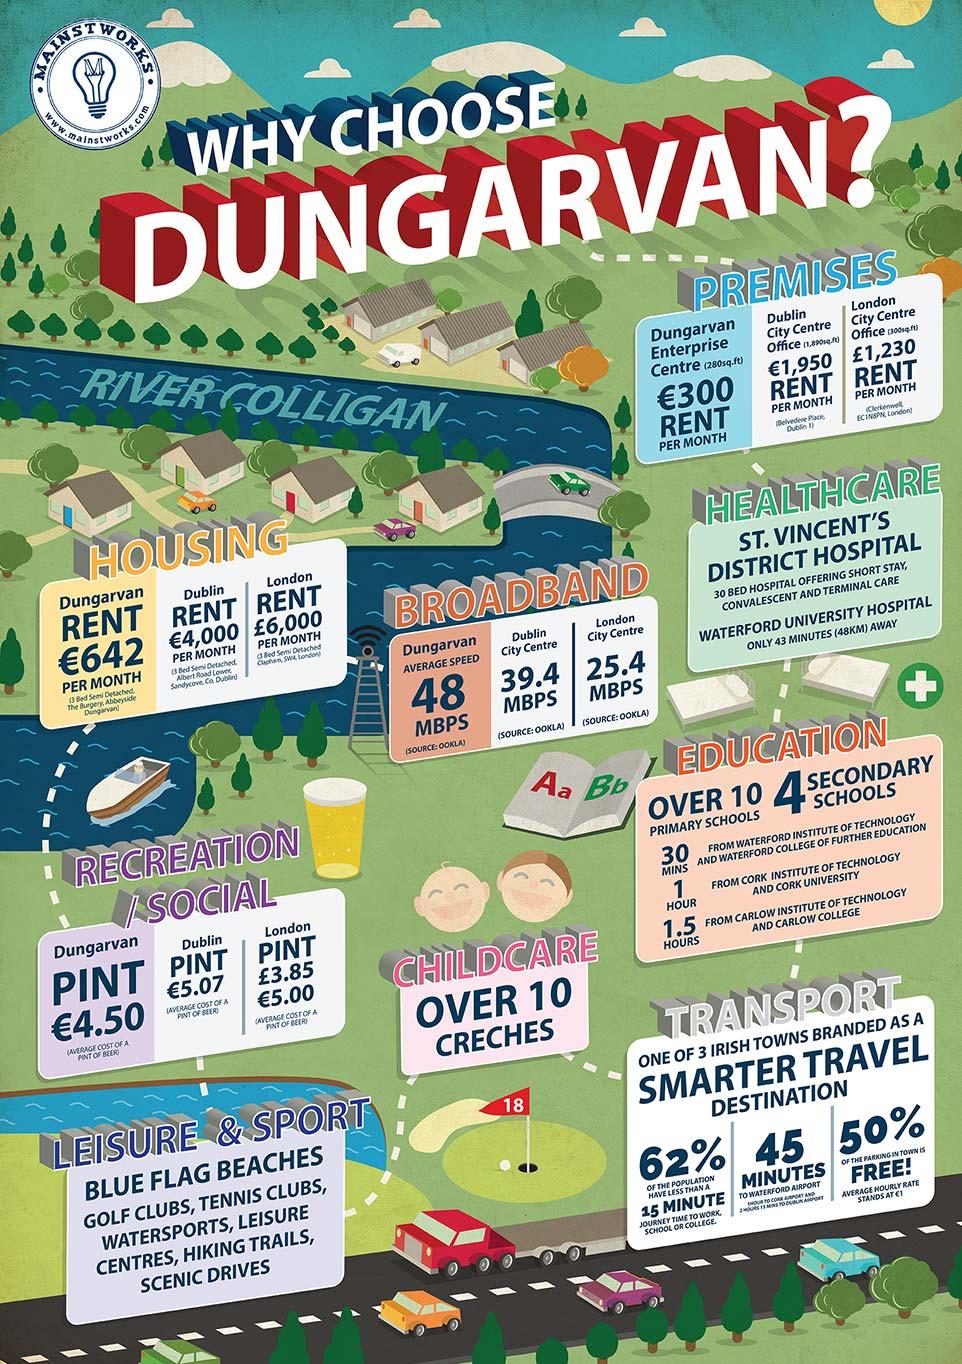 Dungarvan Infographic